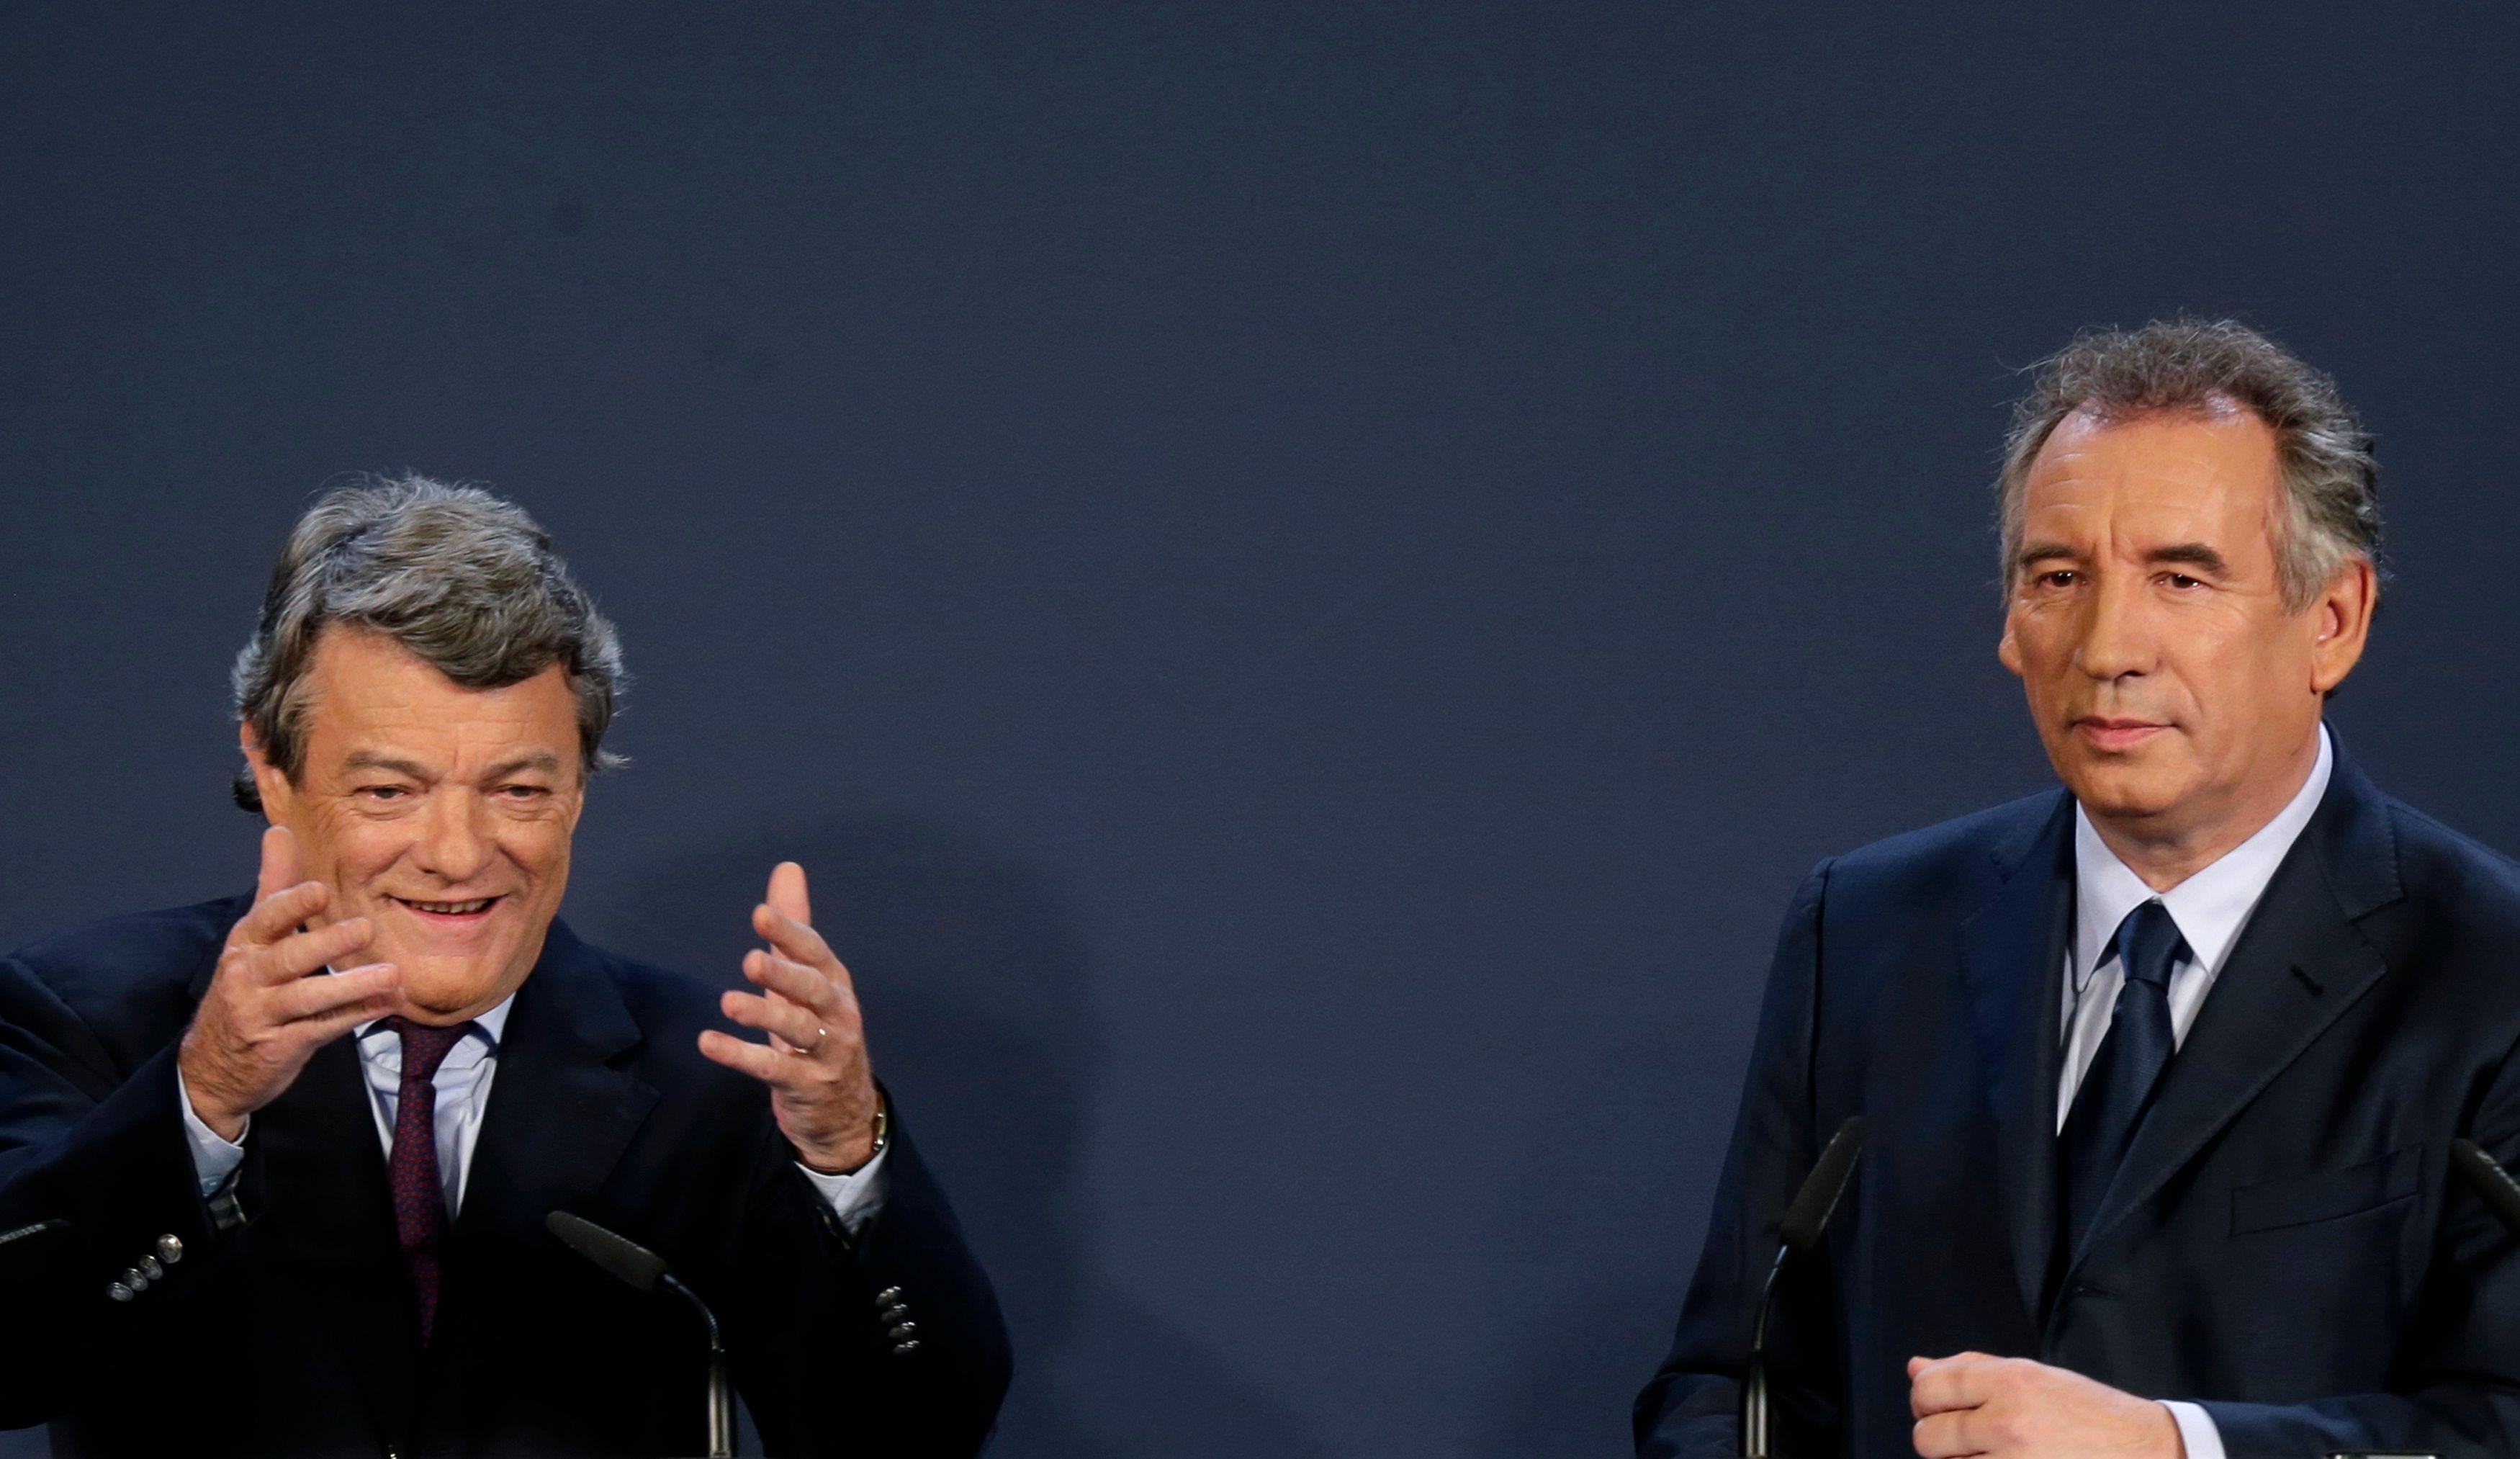 Le rassemblement UMP-UDI-Modem à Paris ne profite pas à Nathalie Kosciusko-Morizet.